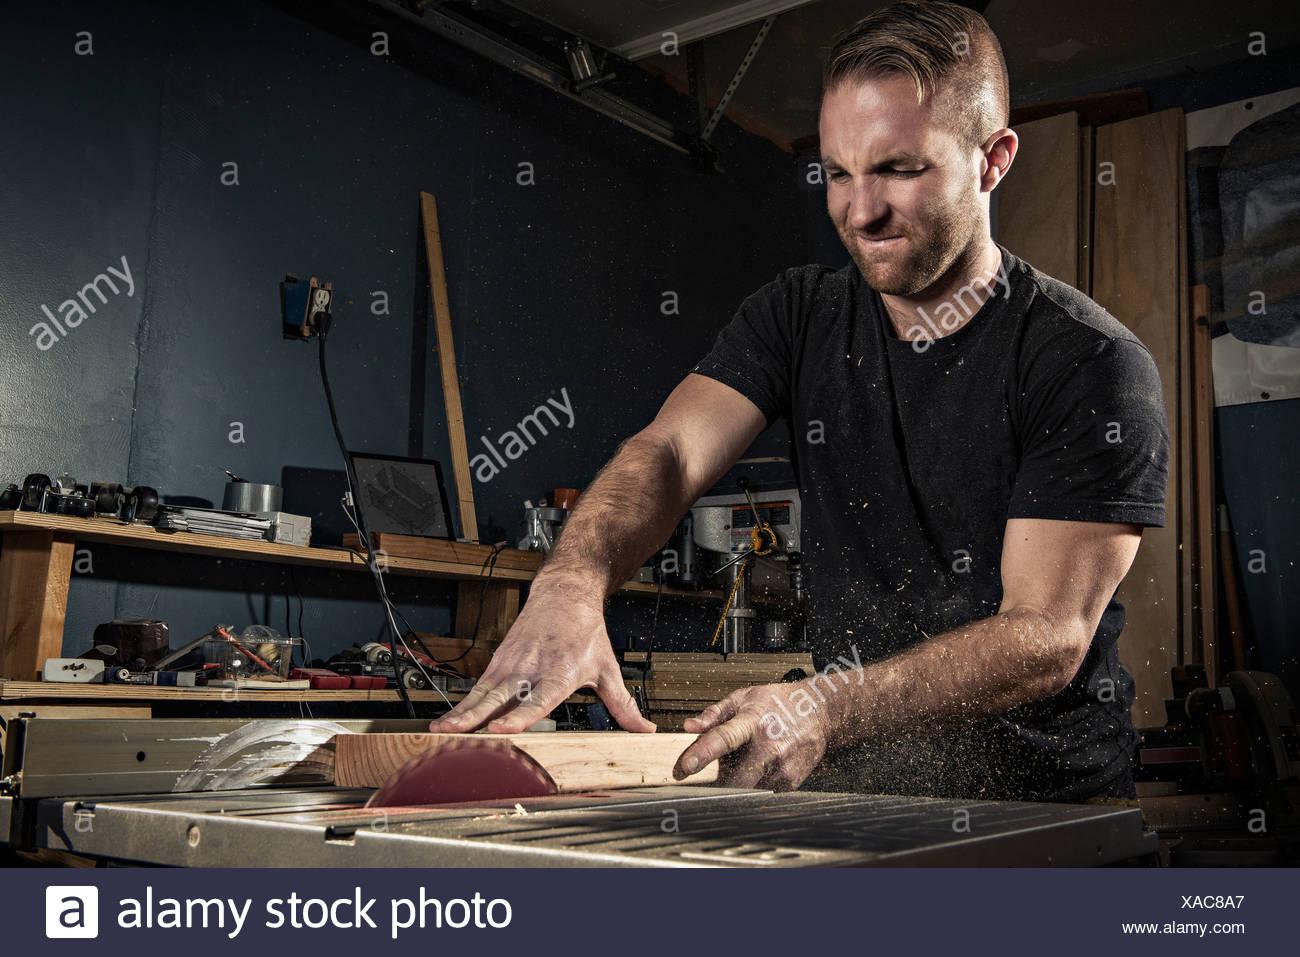 Homme à l'aide d'un menuisier en atelier a vu rotatif Photo Stock